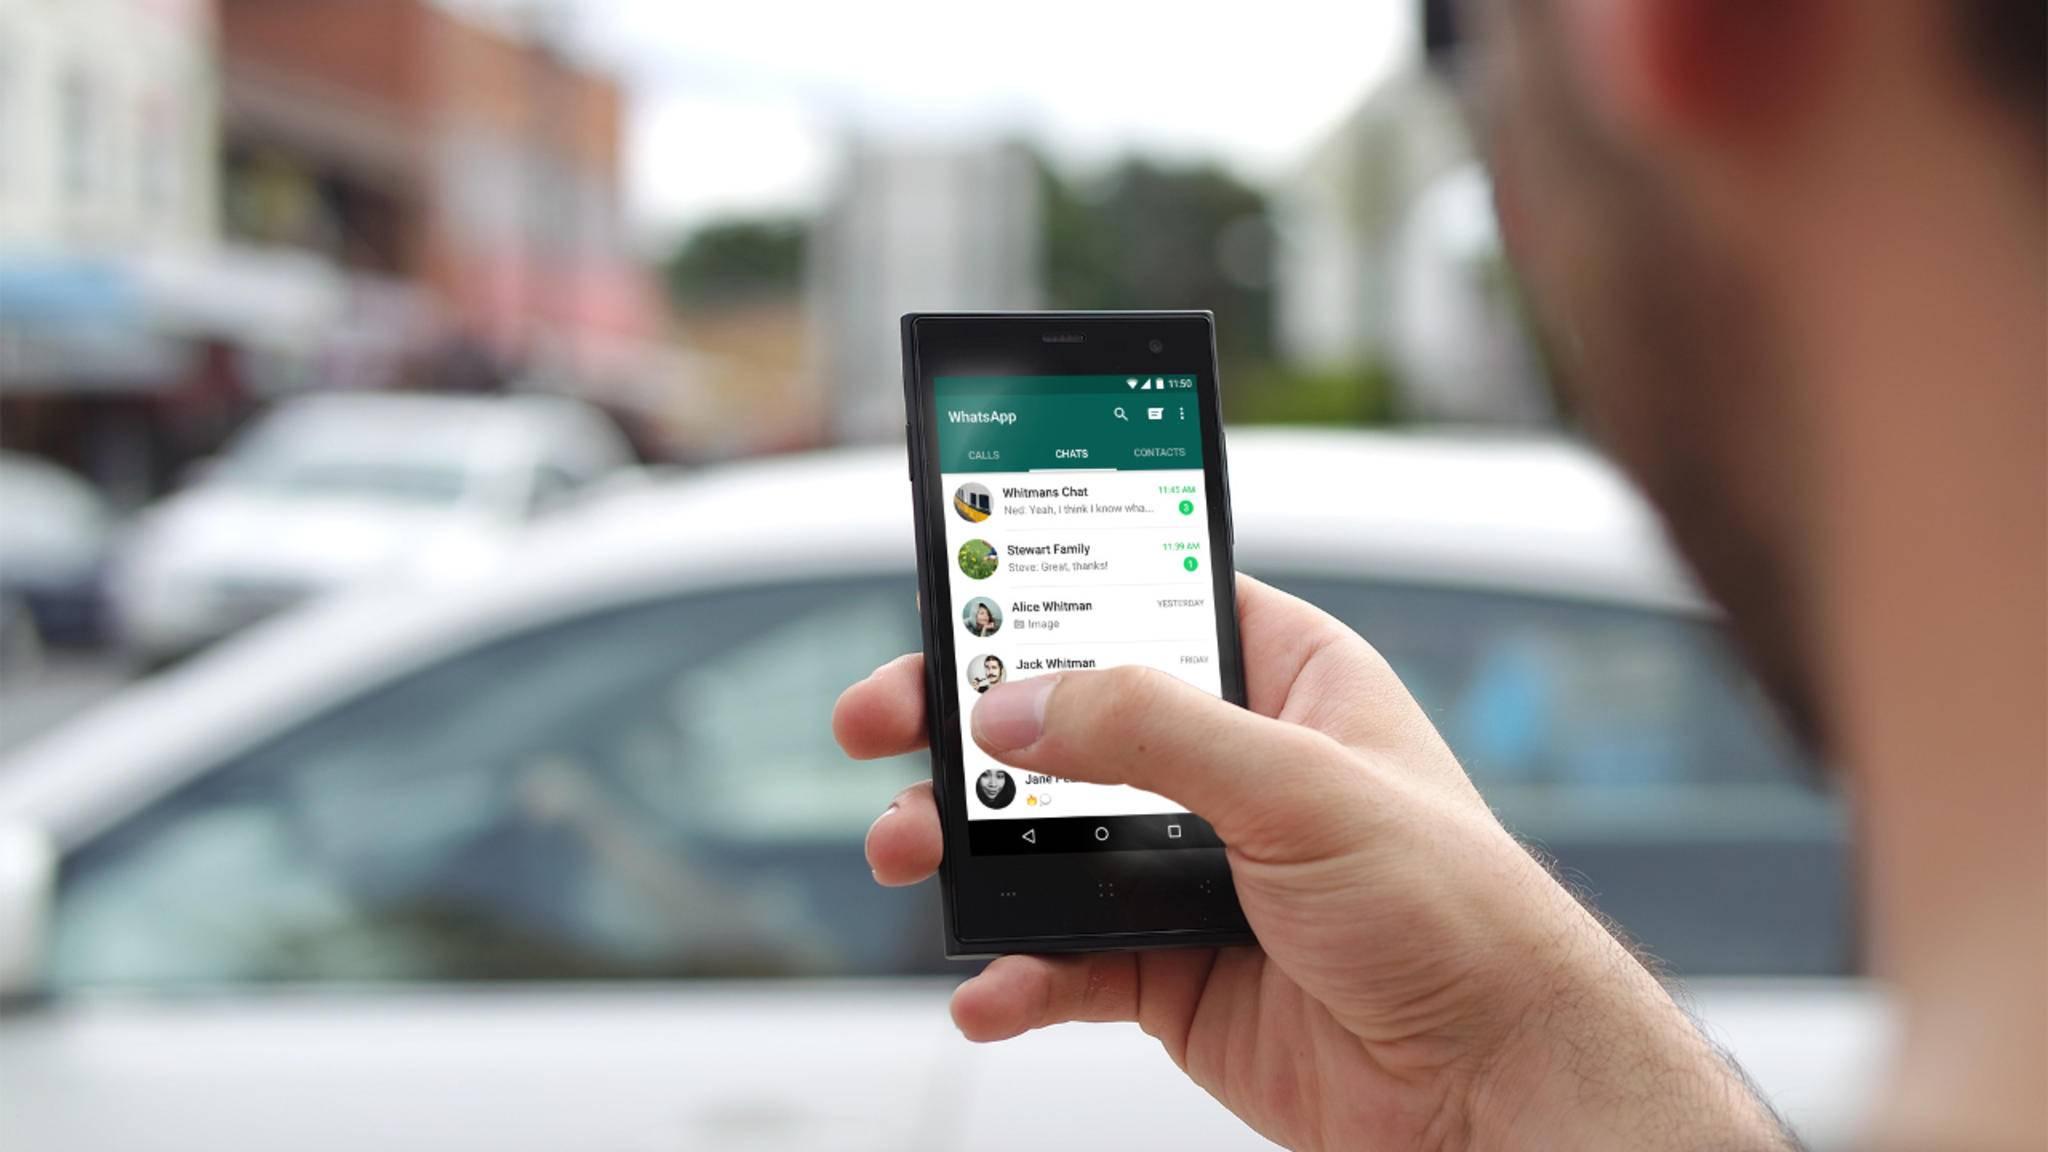 android whatsapp automatisch auf sd karte speichern WhatsApp Bilder auf SD Karte speichern: So geht's